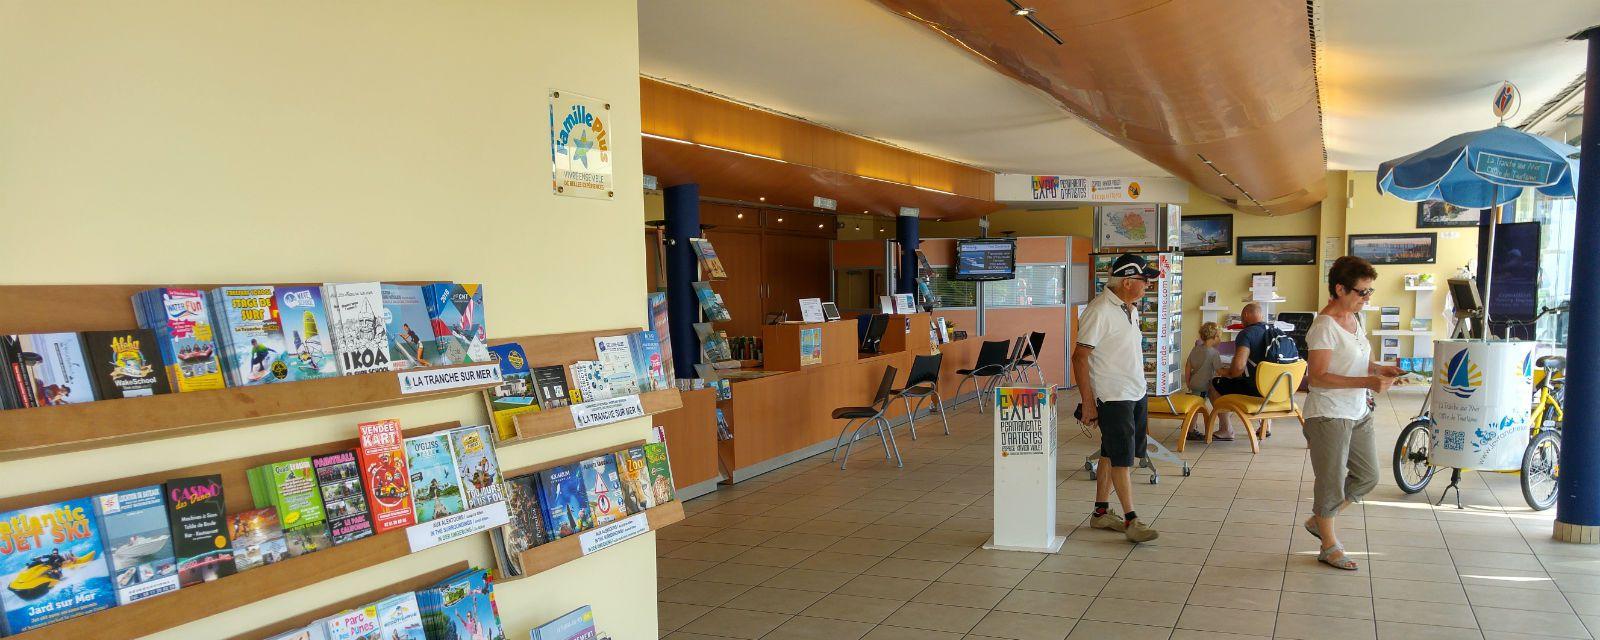 Venez chercher l'information à l'accueil de l'Office de Tourisme